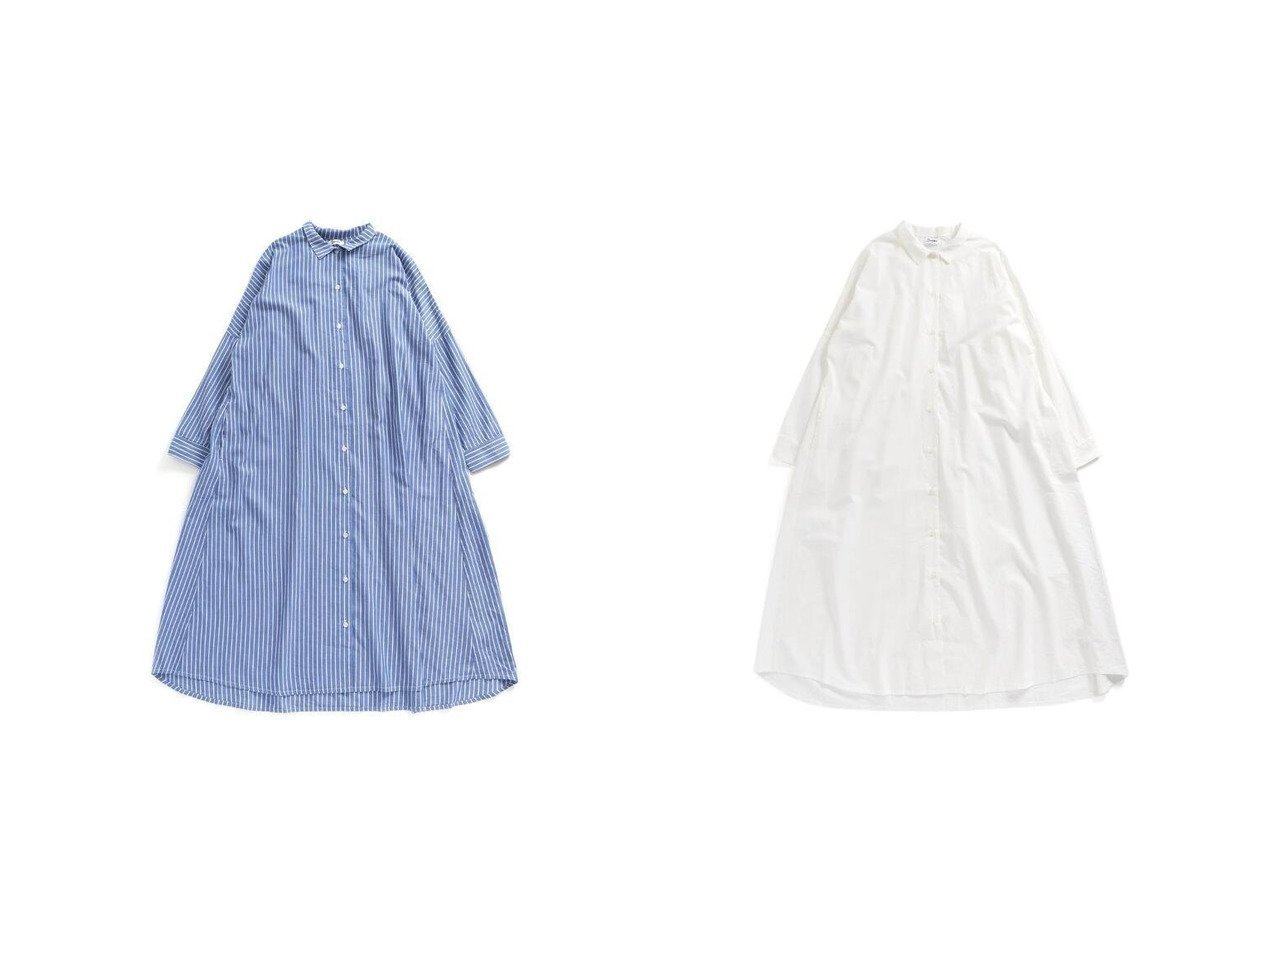 【otonato / KIDS/オトナト】の刺繍2WAYシャツワンピース 【KIDS】子供服のおすすめ!人気トレンド・キッズファッションの通販 おすすめで人気の流行・トレンド、ファッションの通販商品 メンズファッション・キッズファッション・インテリア・家具・レディースファッション・服の通販 founy(ファニー) https://founy.com/ ファッション Fashion キッズファッション KIDS ワンピース Dress Kids NEW・新作・新着・新入荷 New Arrivals トレンド 人気  ID:crp329100000023162